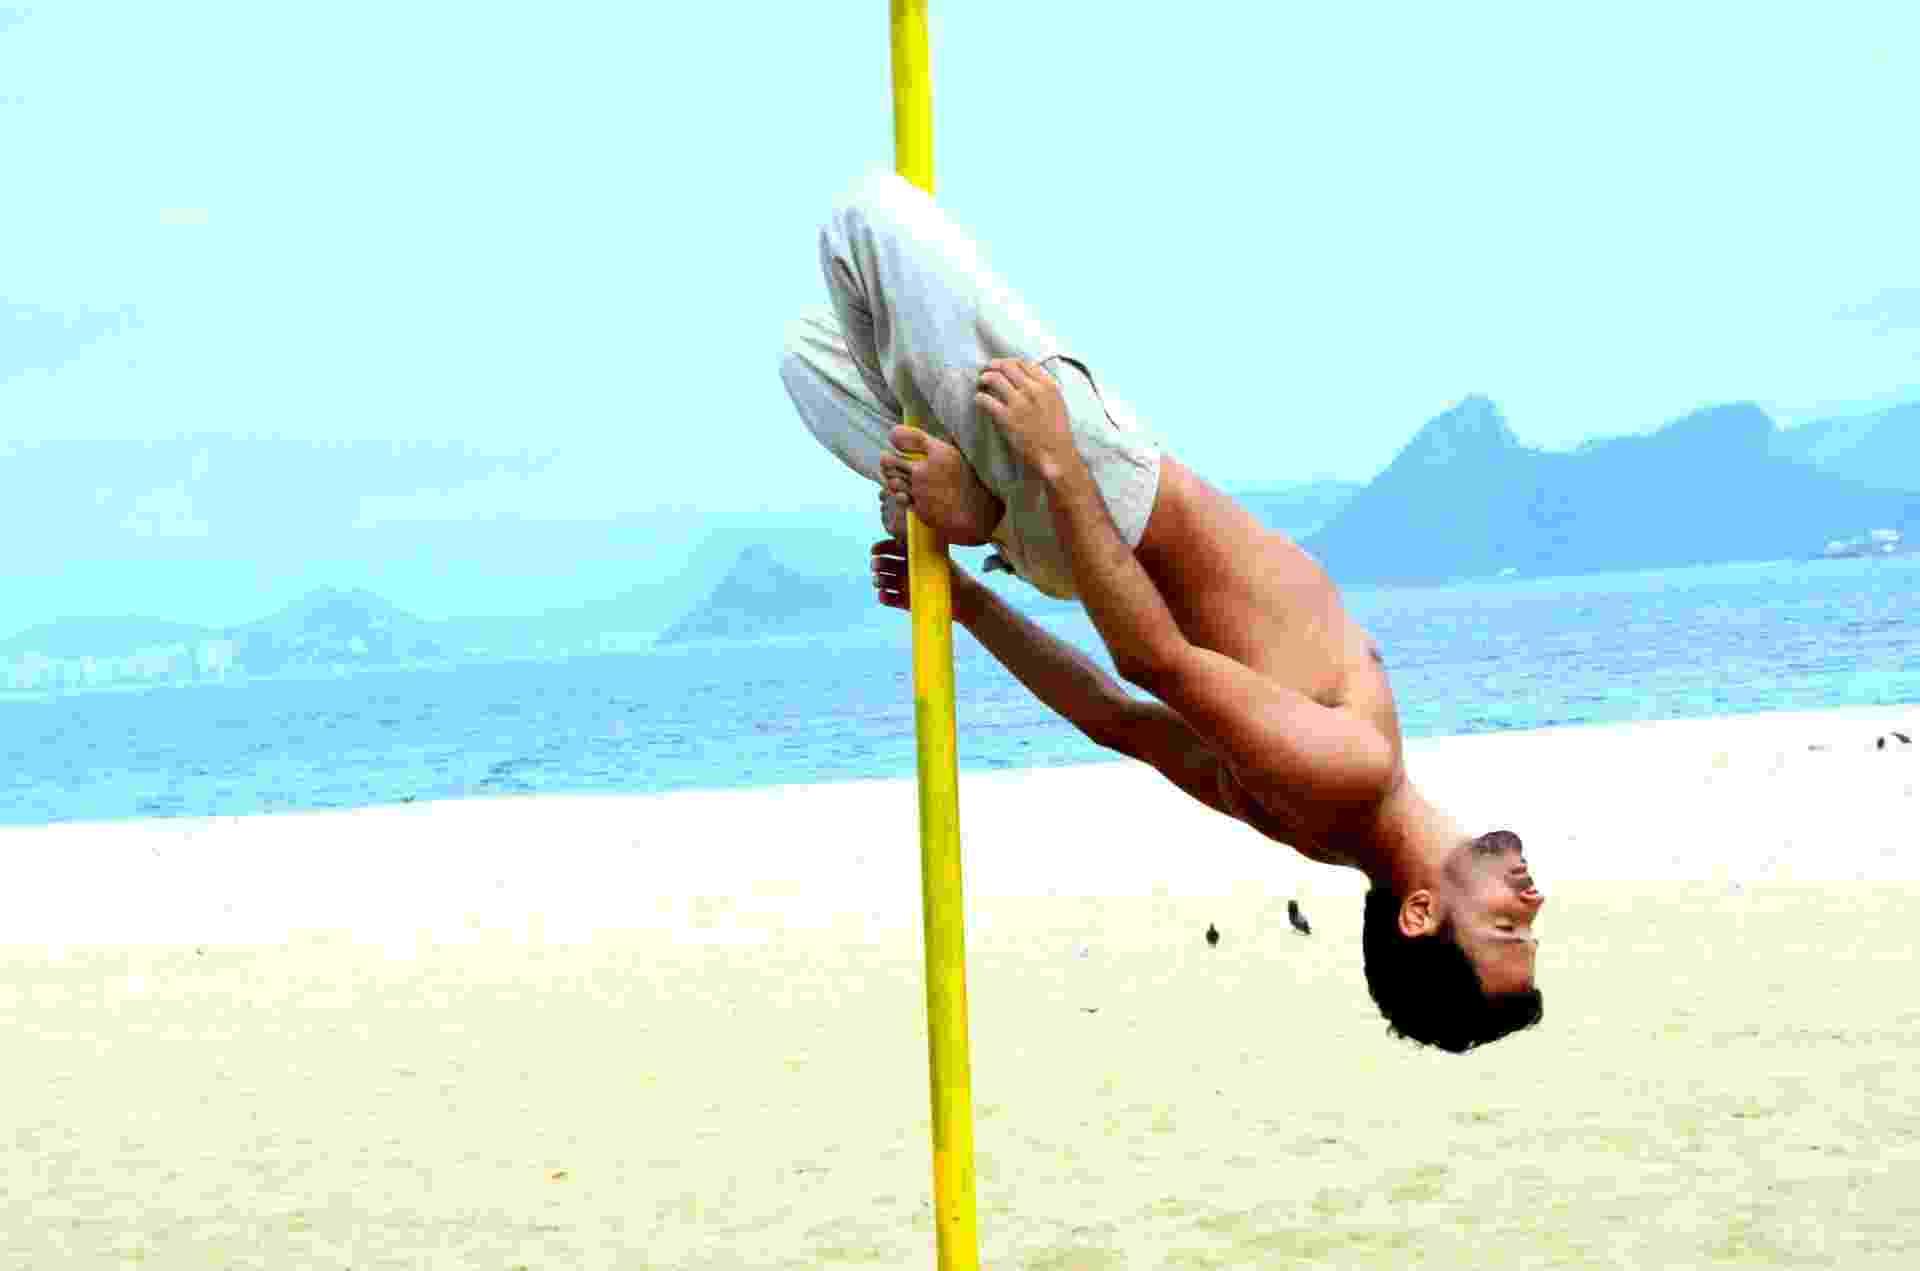 Julio Peixoto, 26 anos, de Petrópolis, campeão brasileiro em 2010 e 2011 - Leonardo Pergaminho/Arquivo pessoal